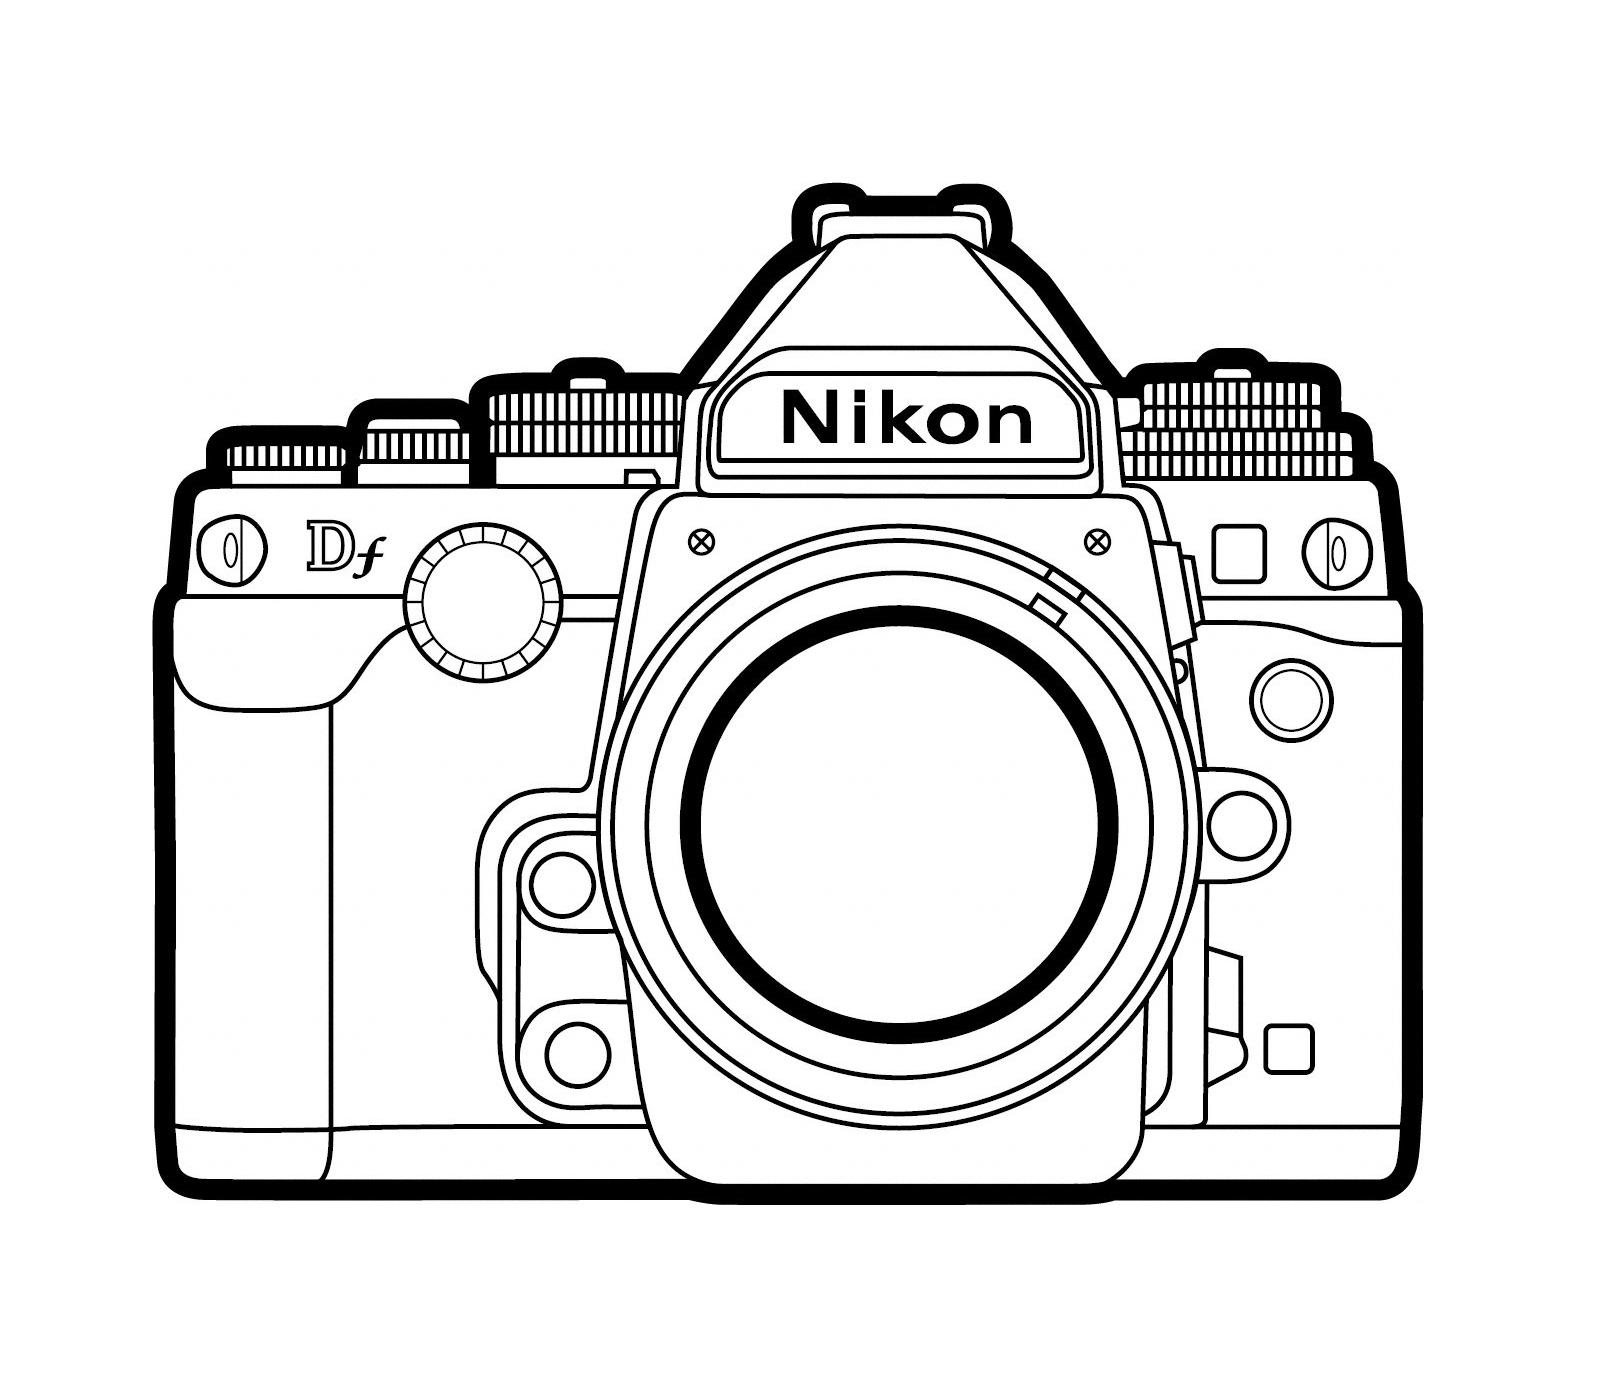 photoblogue le coin des enfants un appareil photo colorier. Black Bedroom Furniture Sets. Home Design Ideas